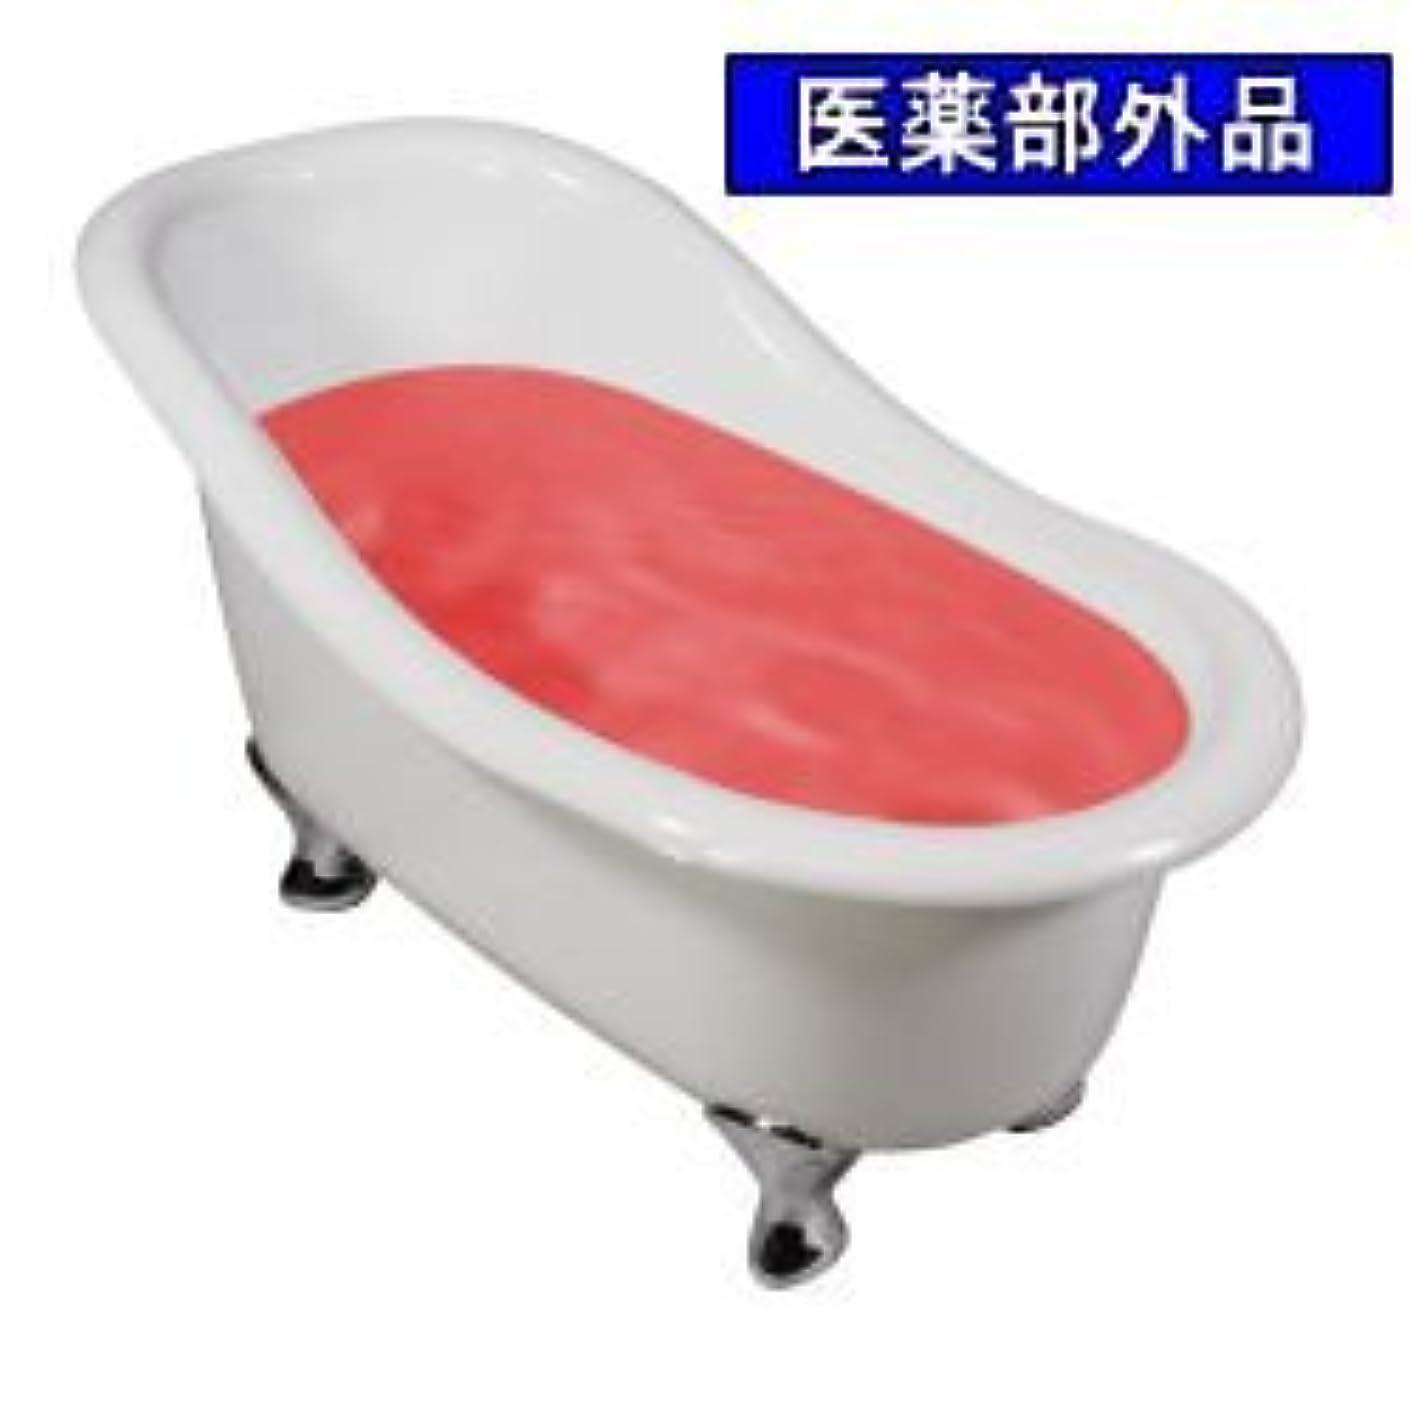 輝く酸っぱい洗う業務用薬用入浴剤バスフレンド もも 17kg 医薬部外品